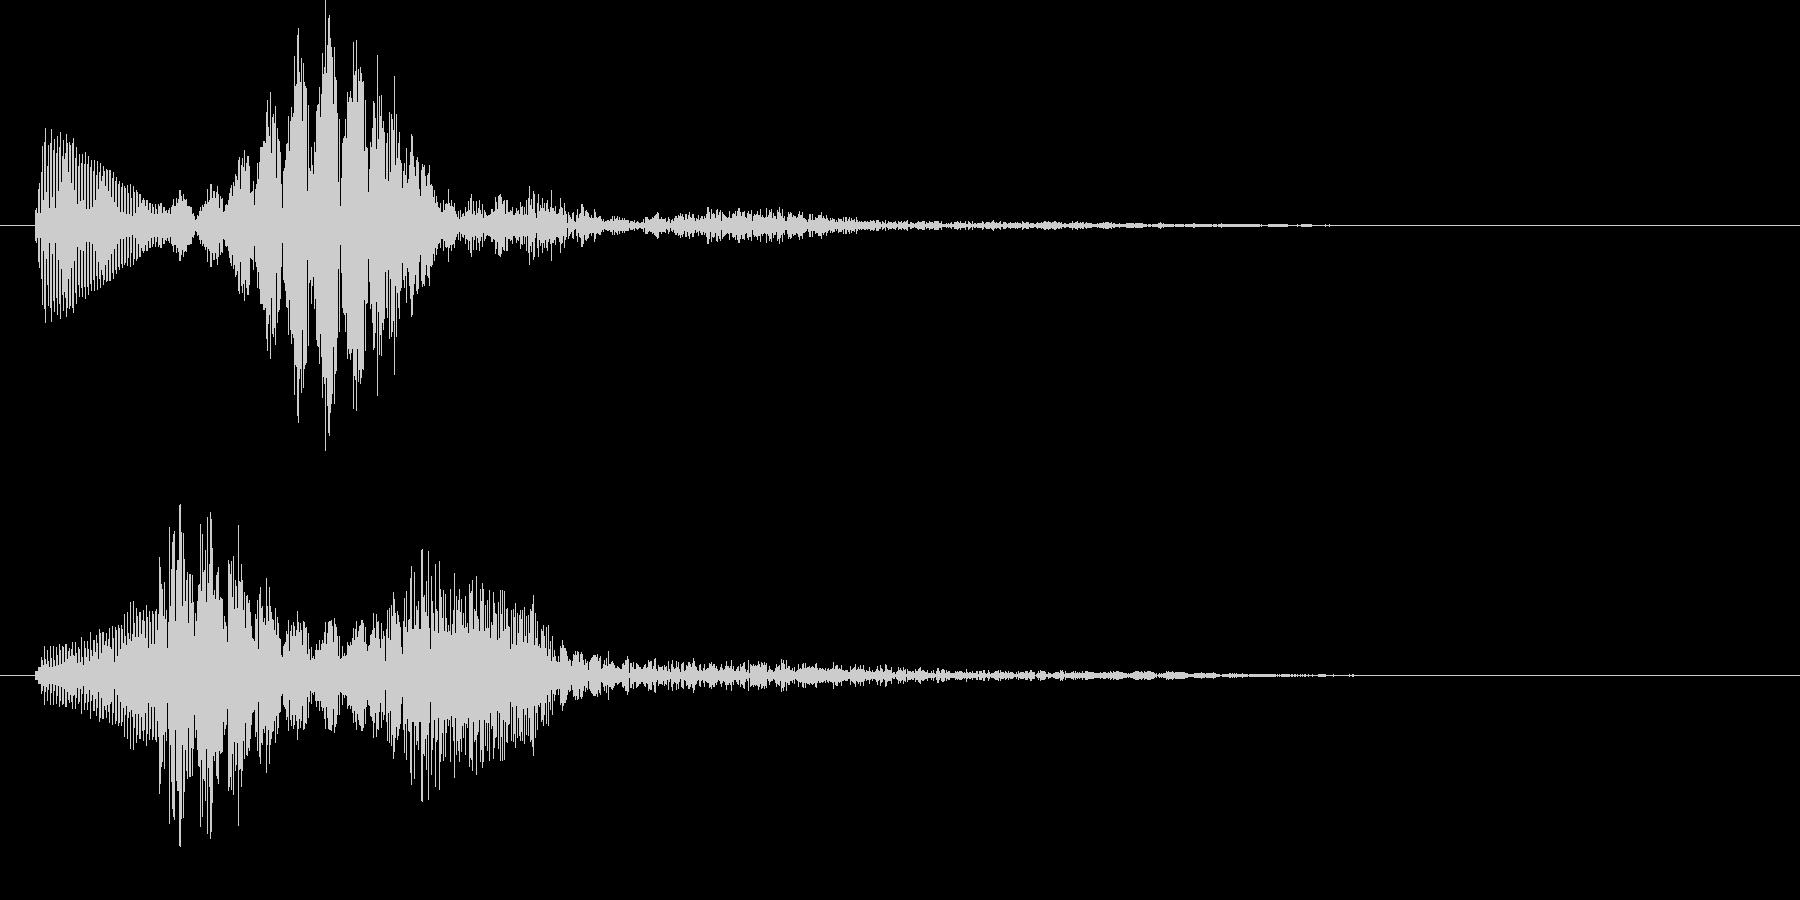 パララ(キャンセル音)の未再生の波形